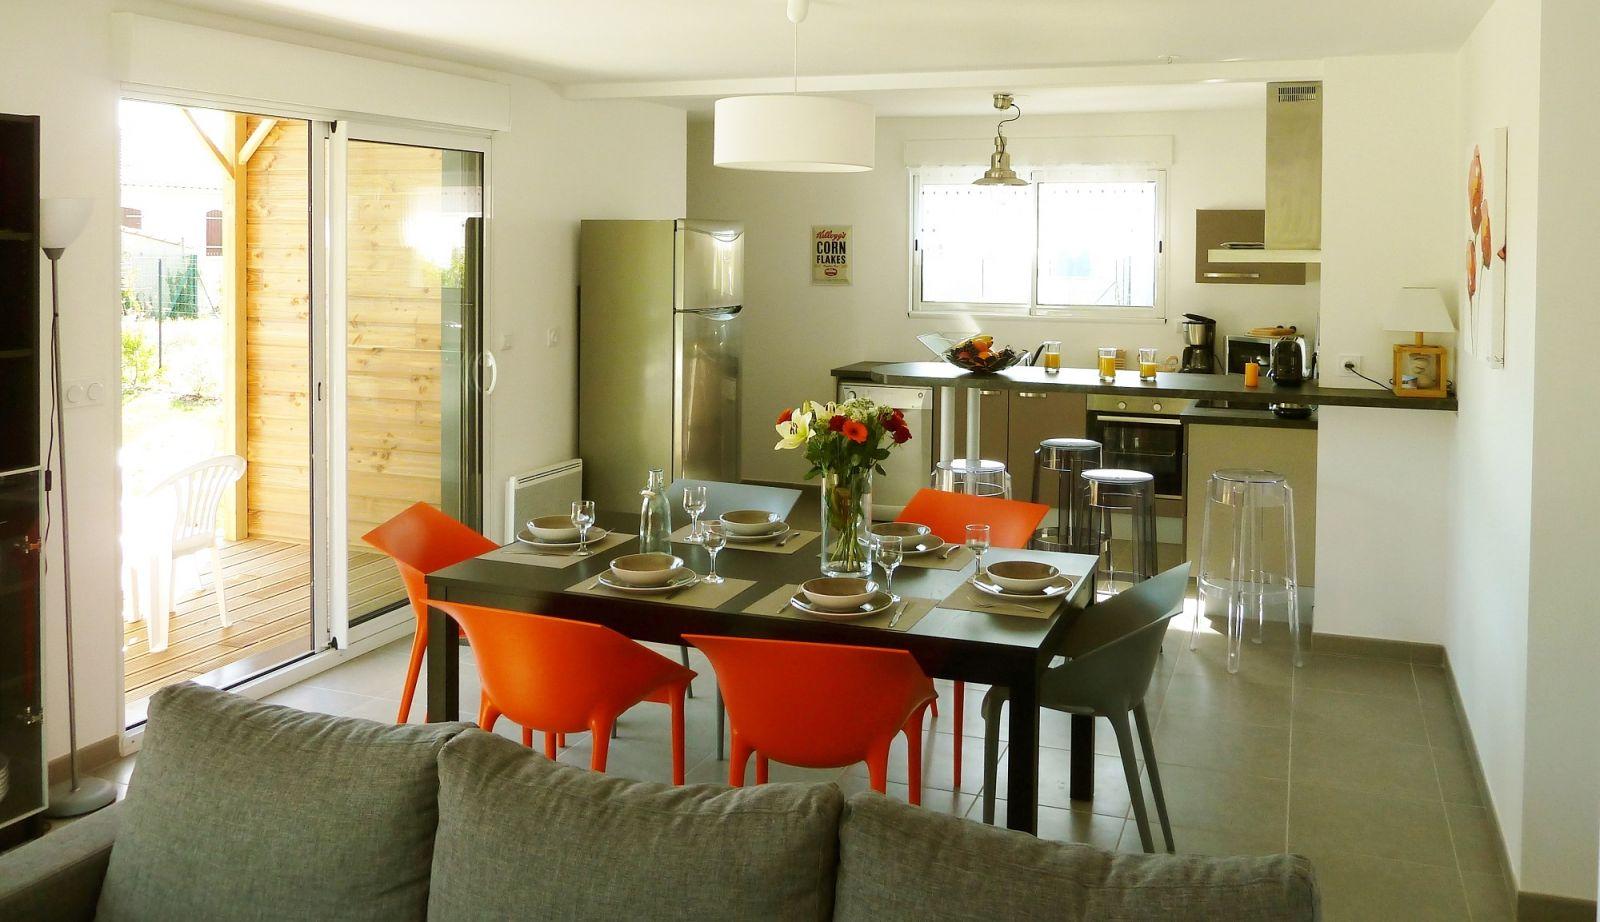 21 jan 2015 1608 181k - Maison Moderne Bois